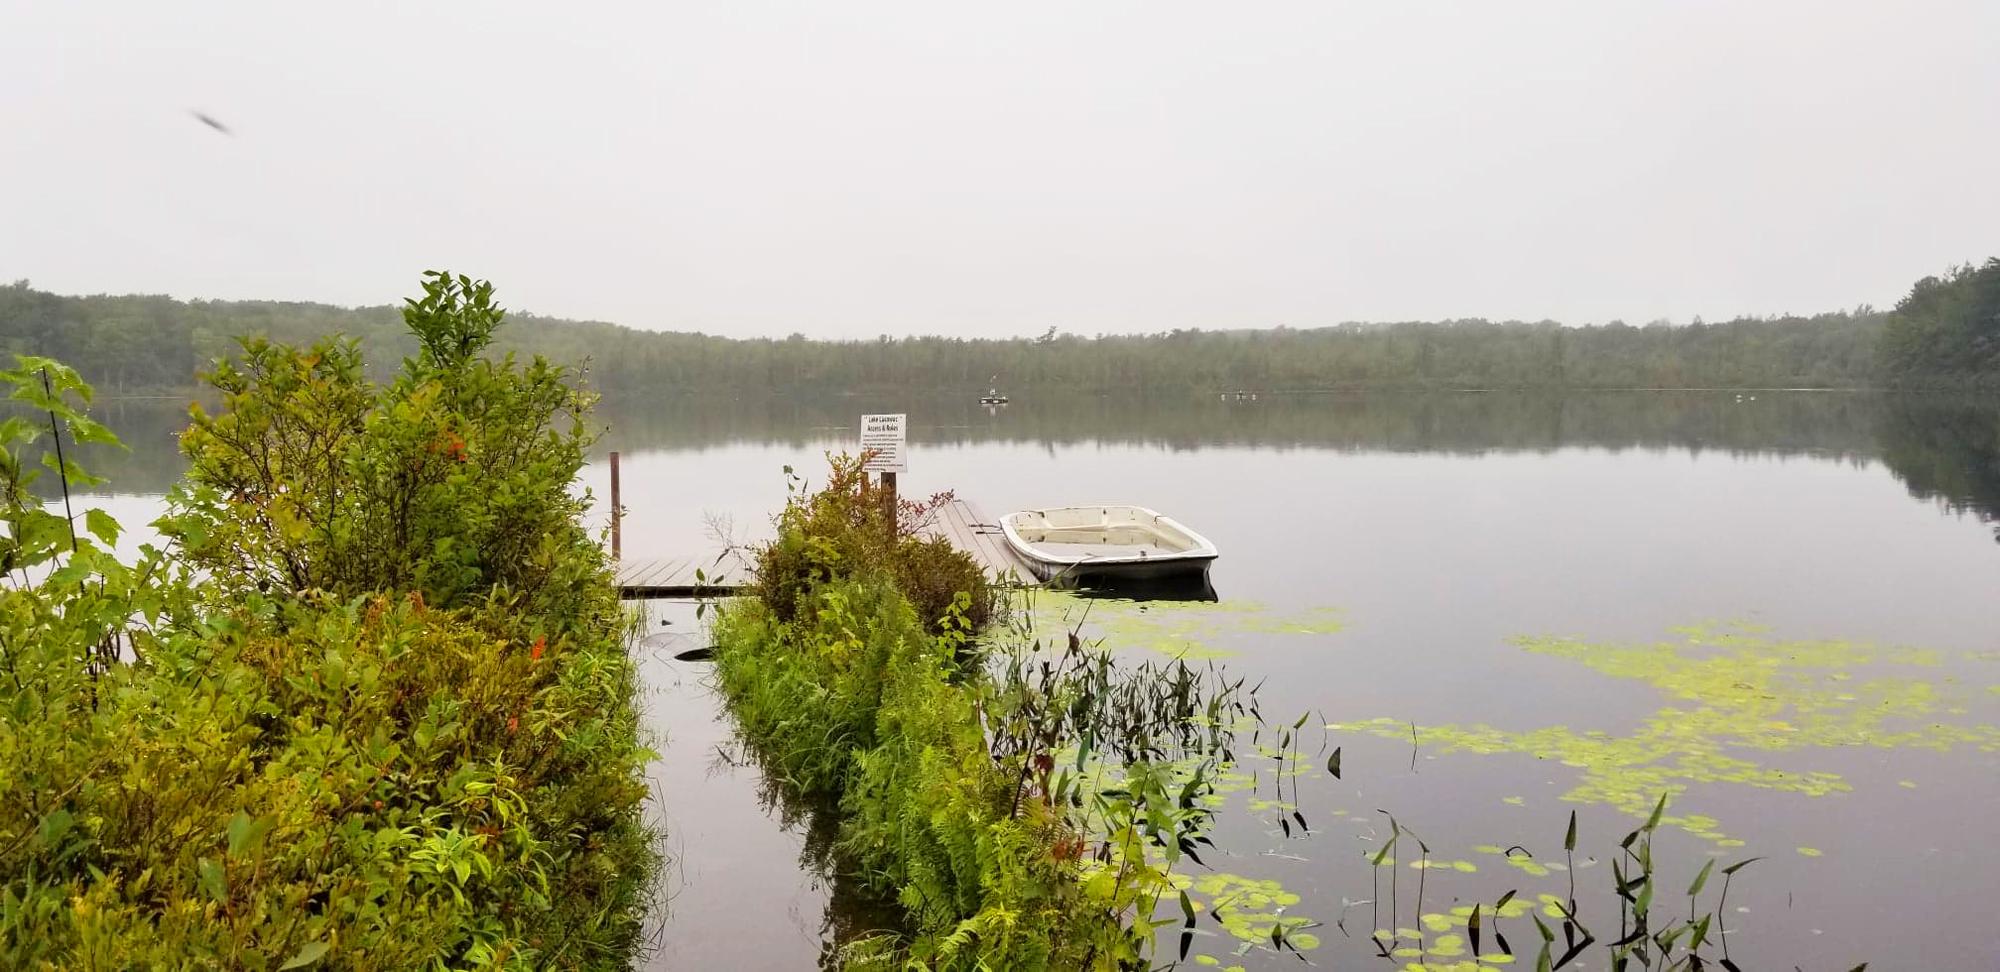 View from the main docks at Lake Lacawac near Lake Ariel, Pennsylvania